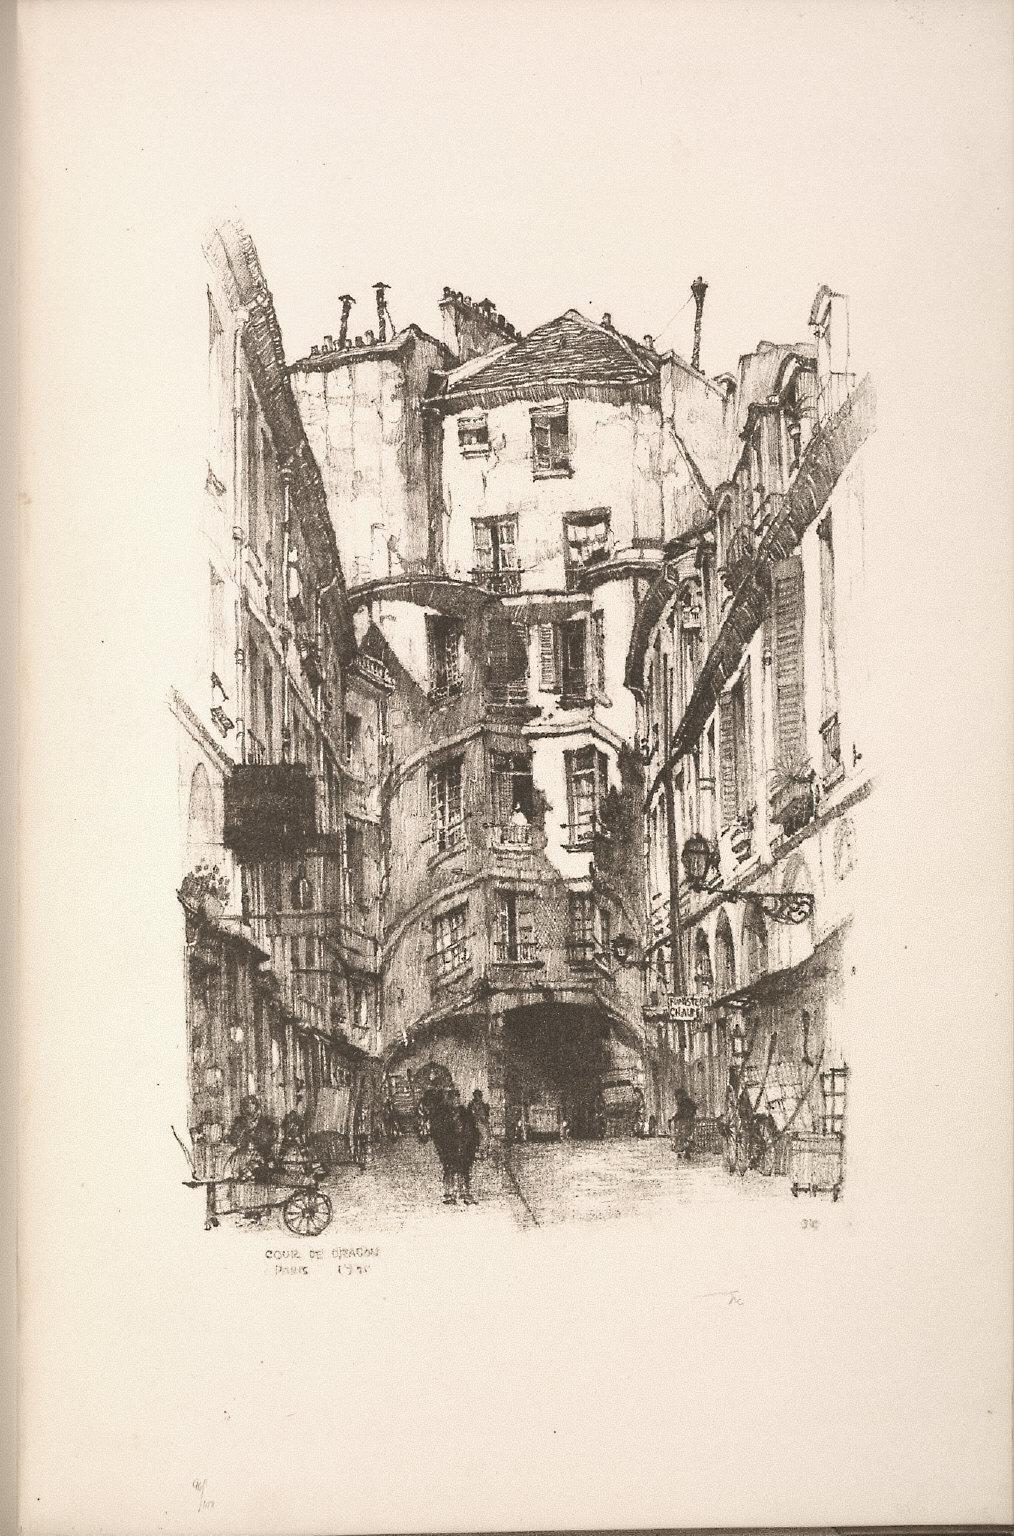 Twenty Lithographs of Old Paris: Cour du Dragon, Paris